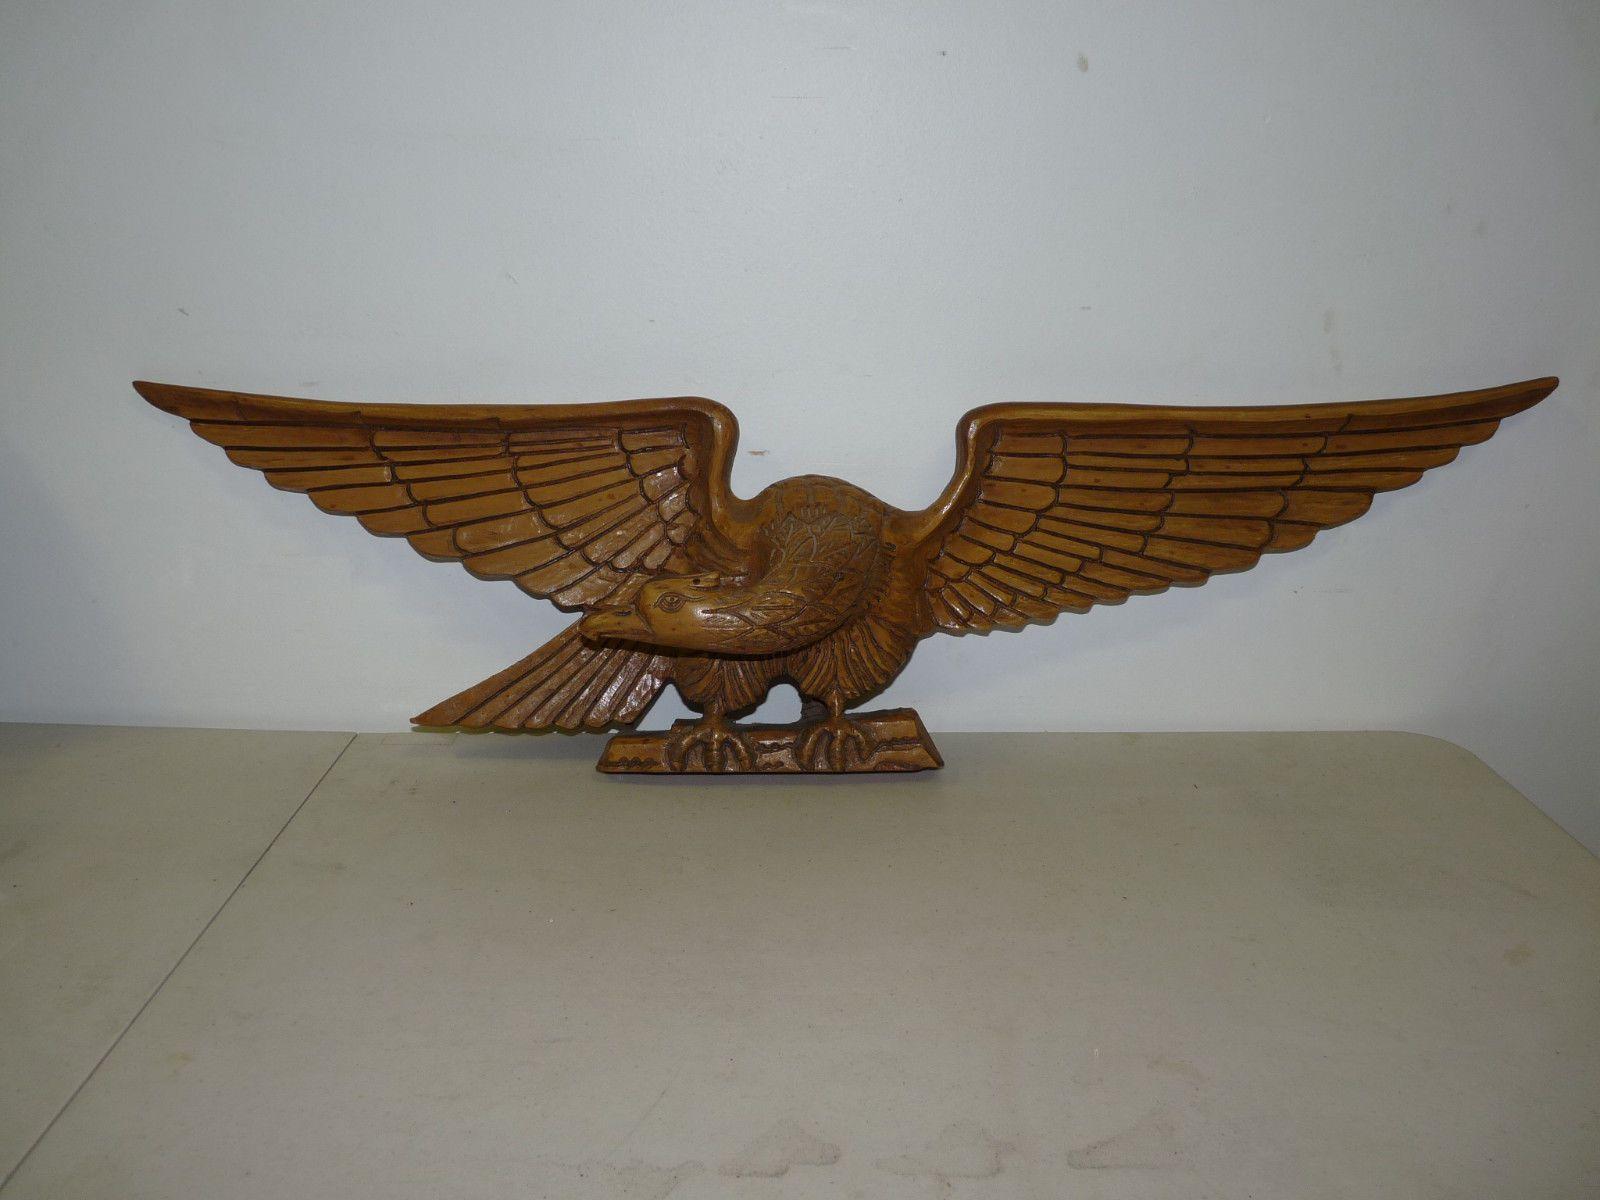 Vintage antique hand carved wooden eagle folk art figurine bellamy style ebay